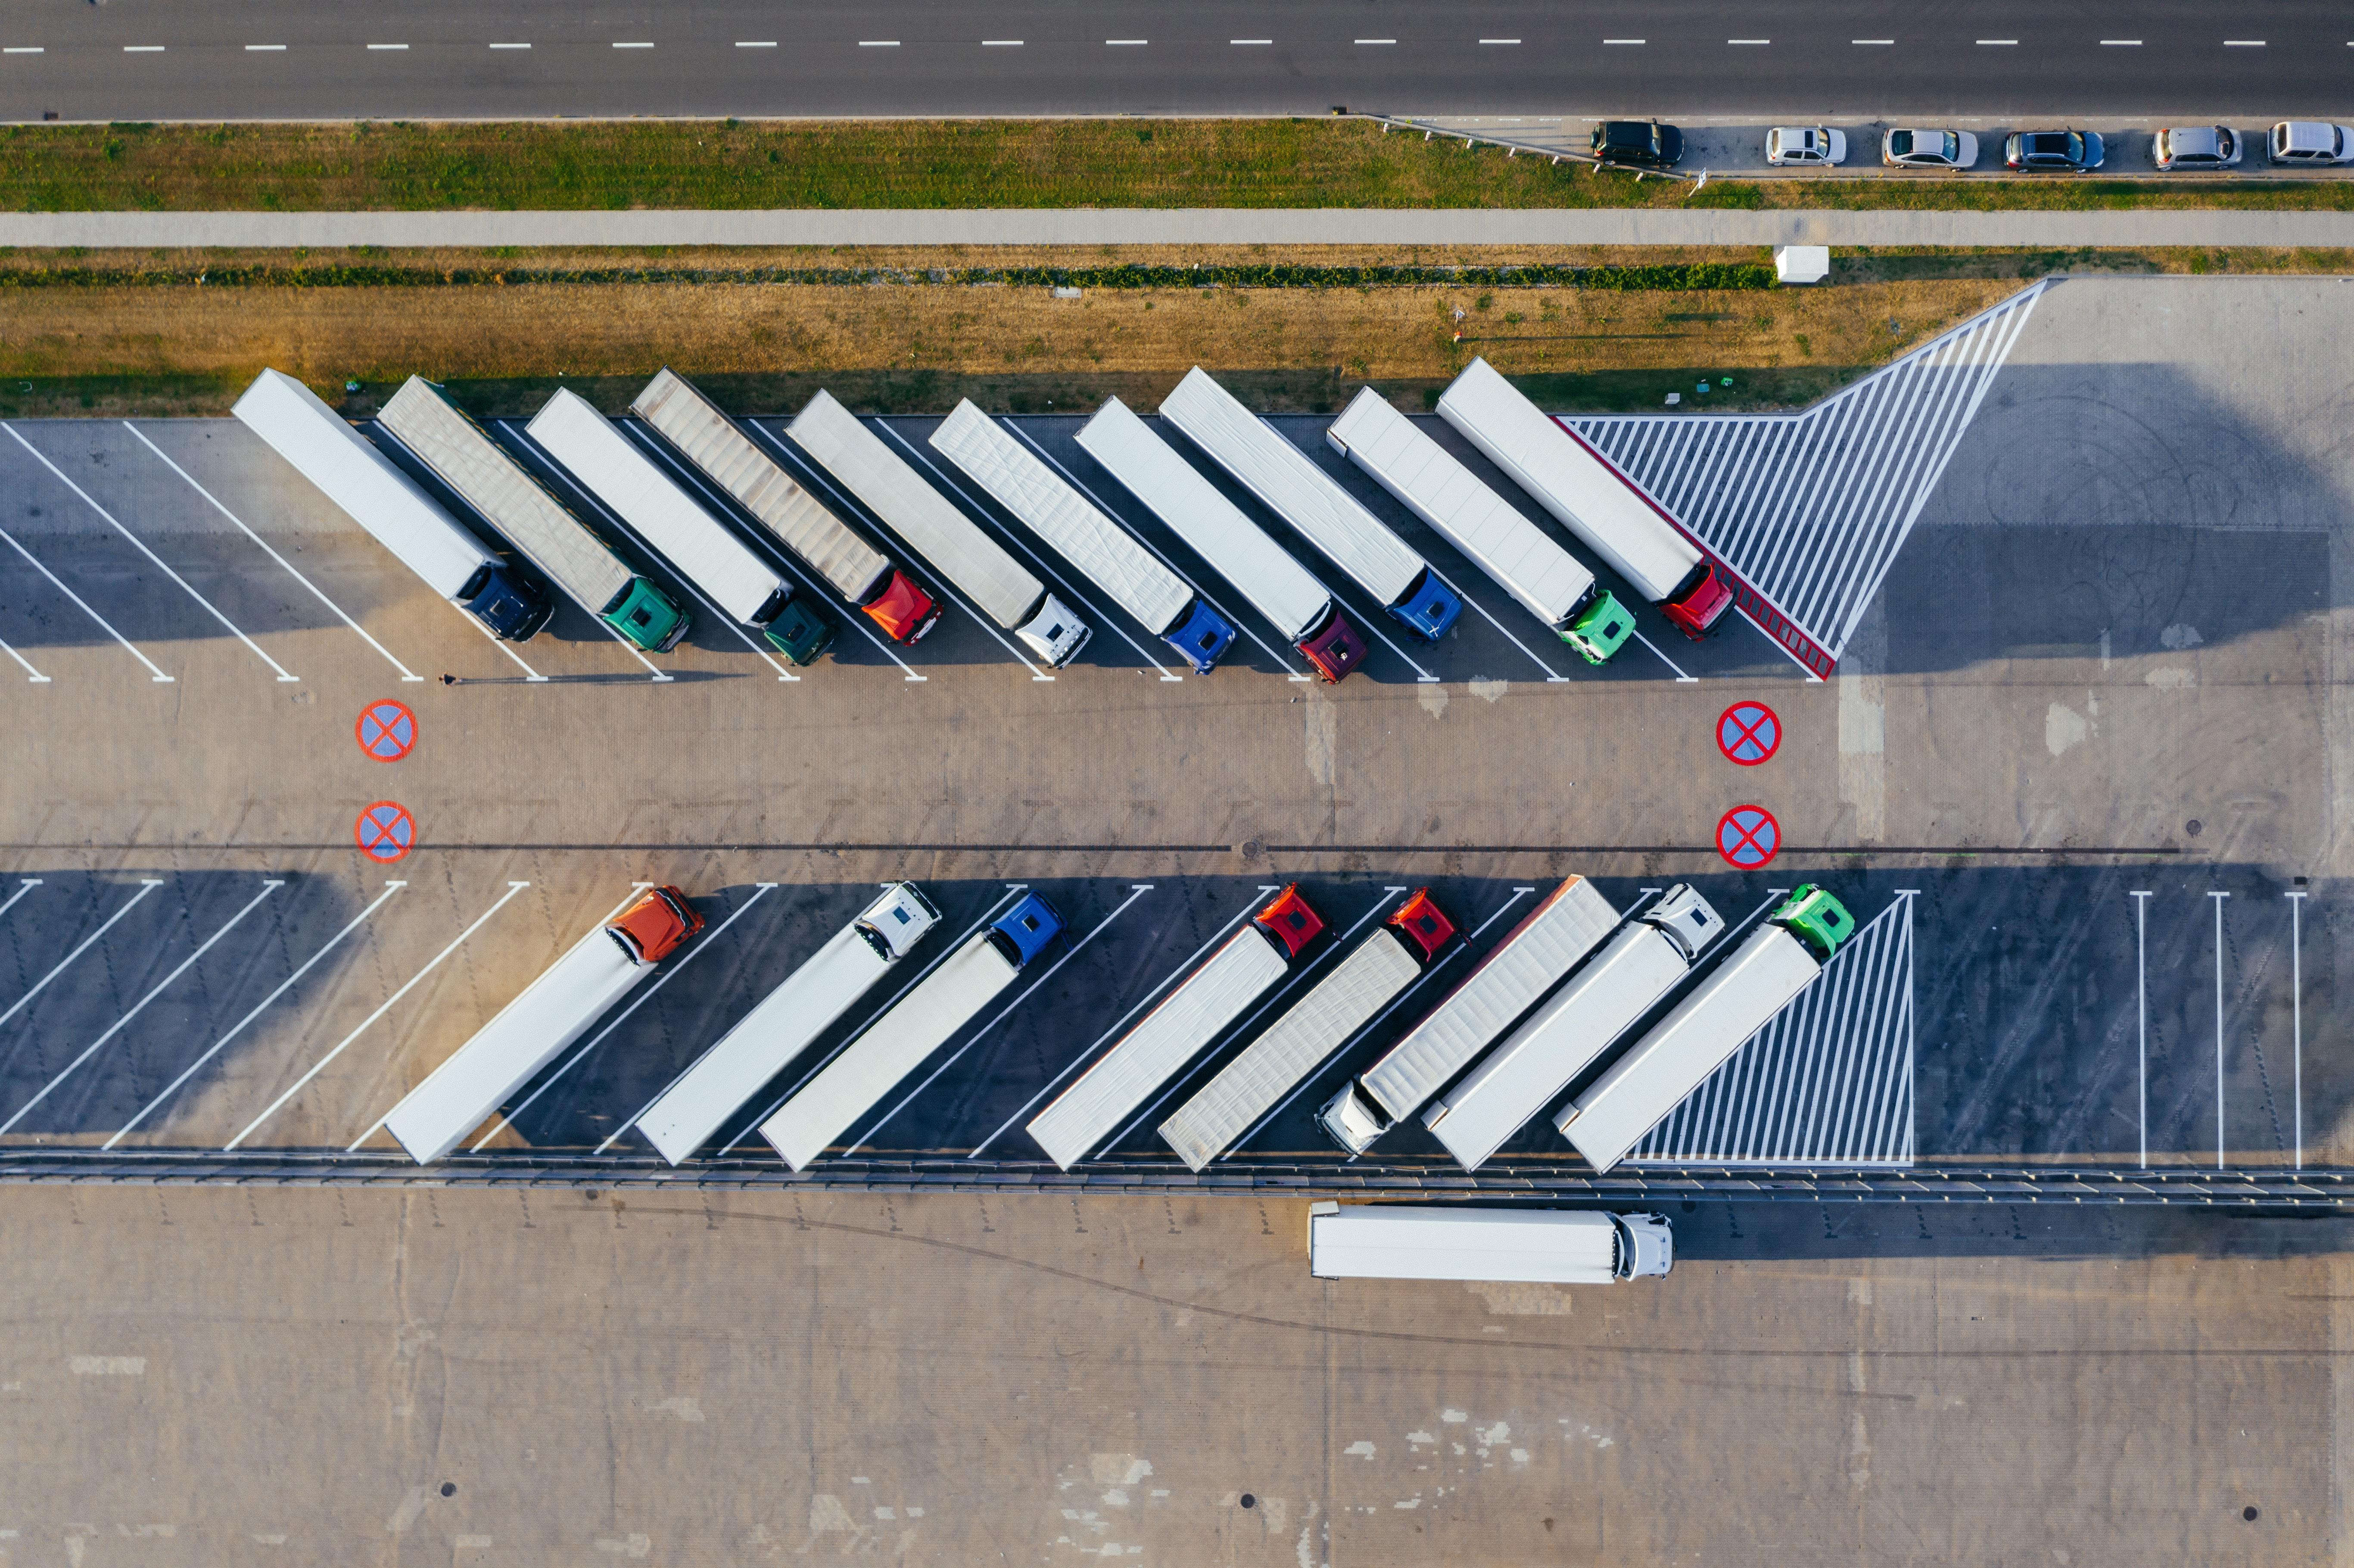 Imagen aerea de una flota de camiones